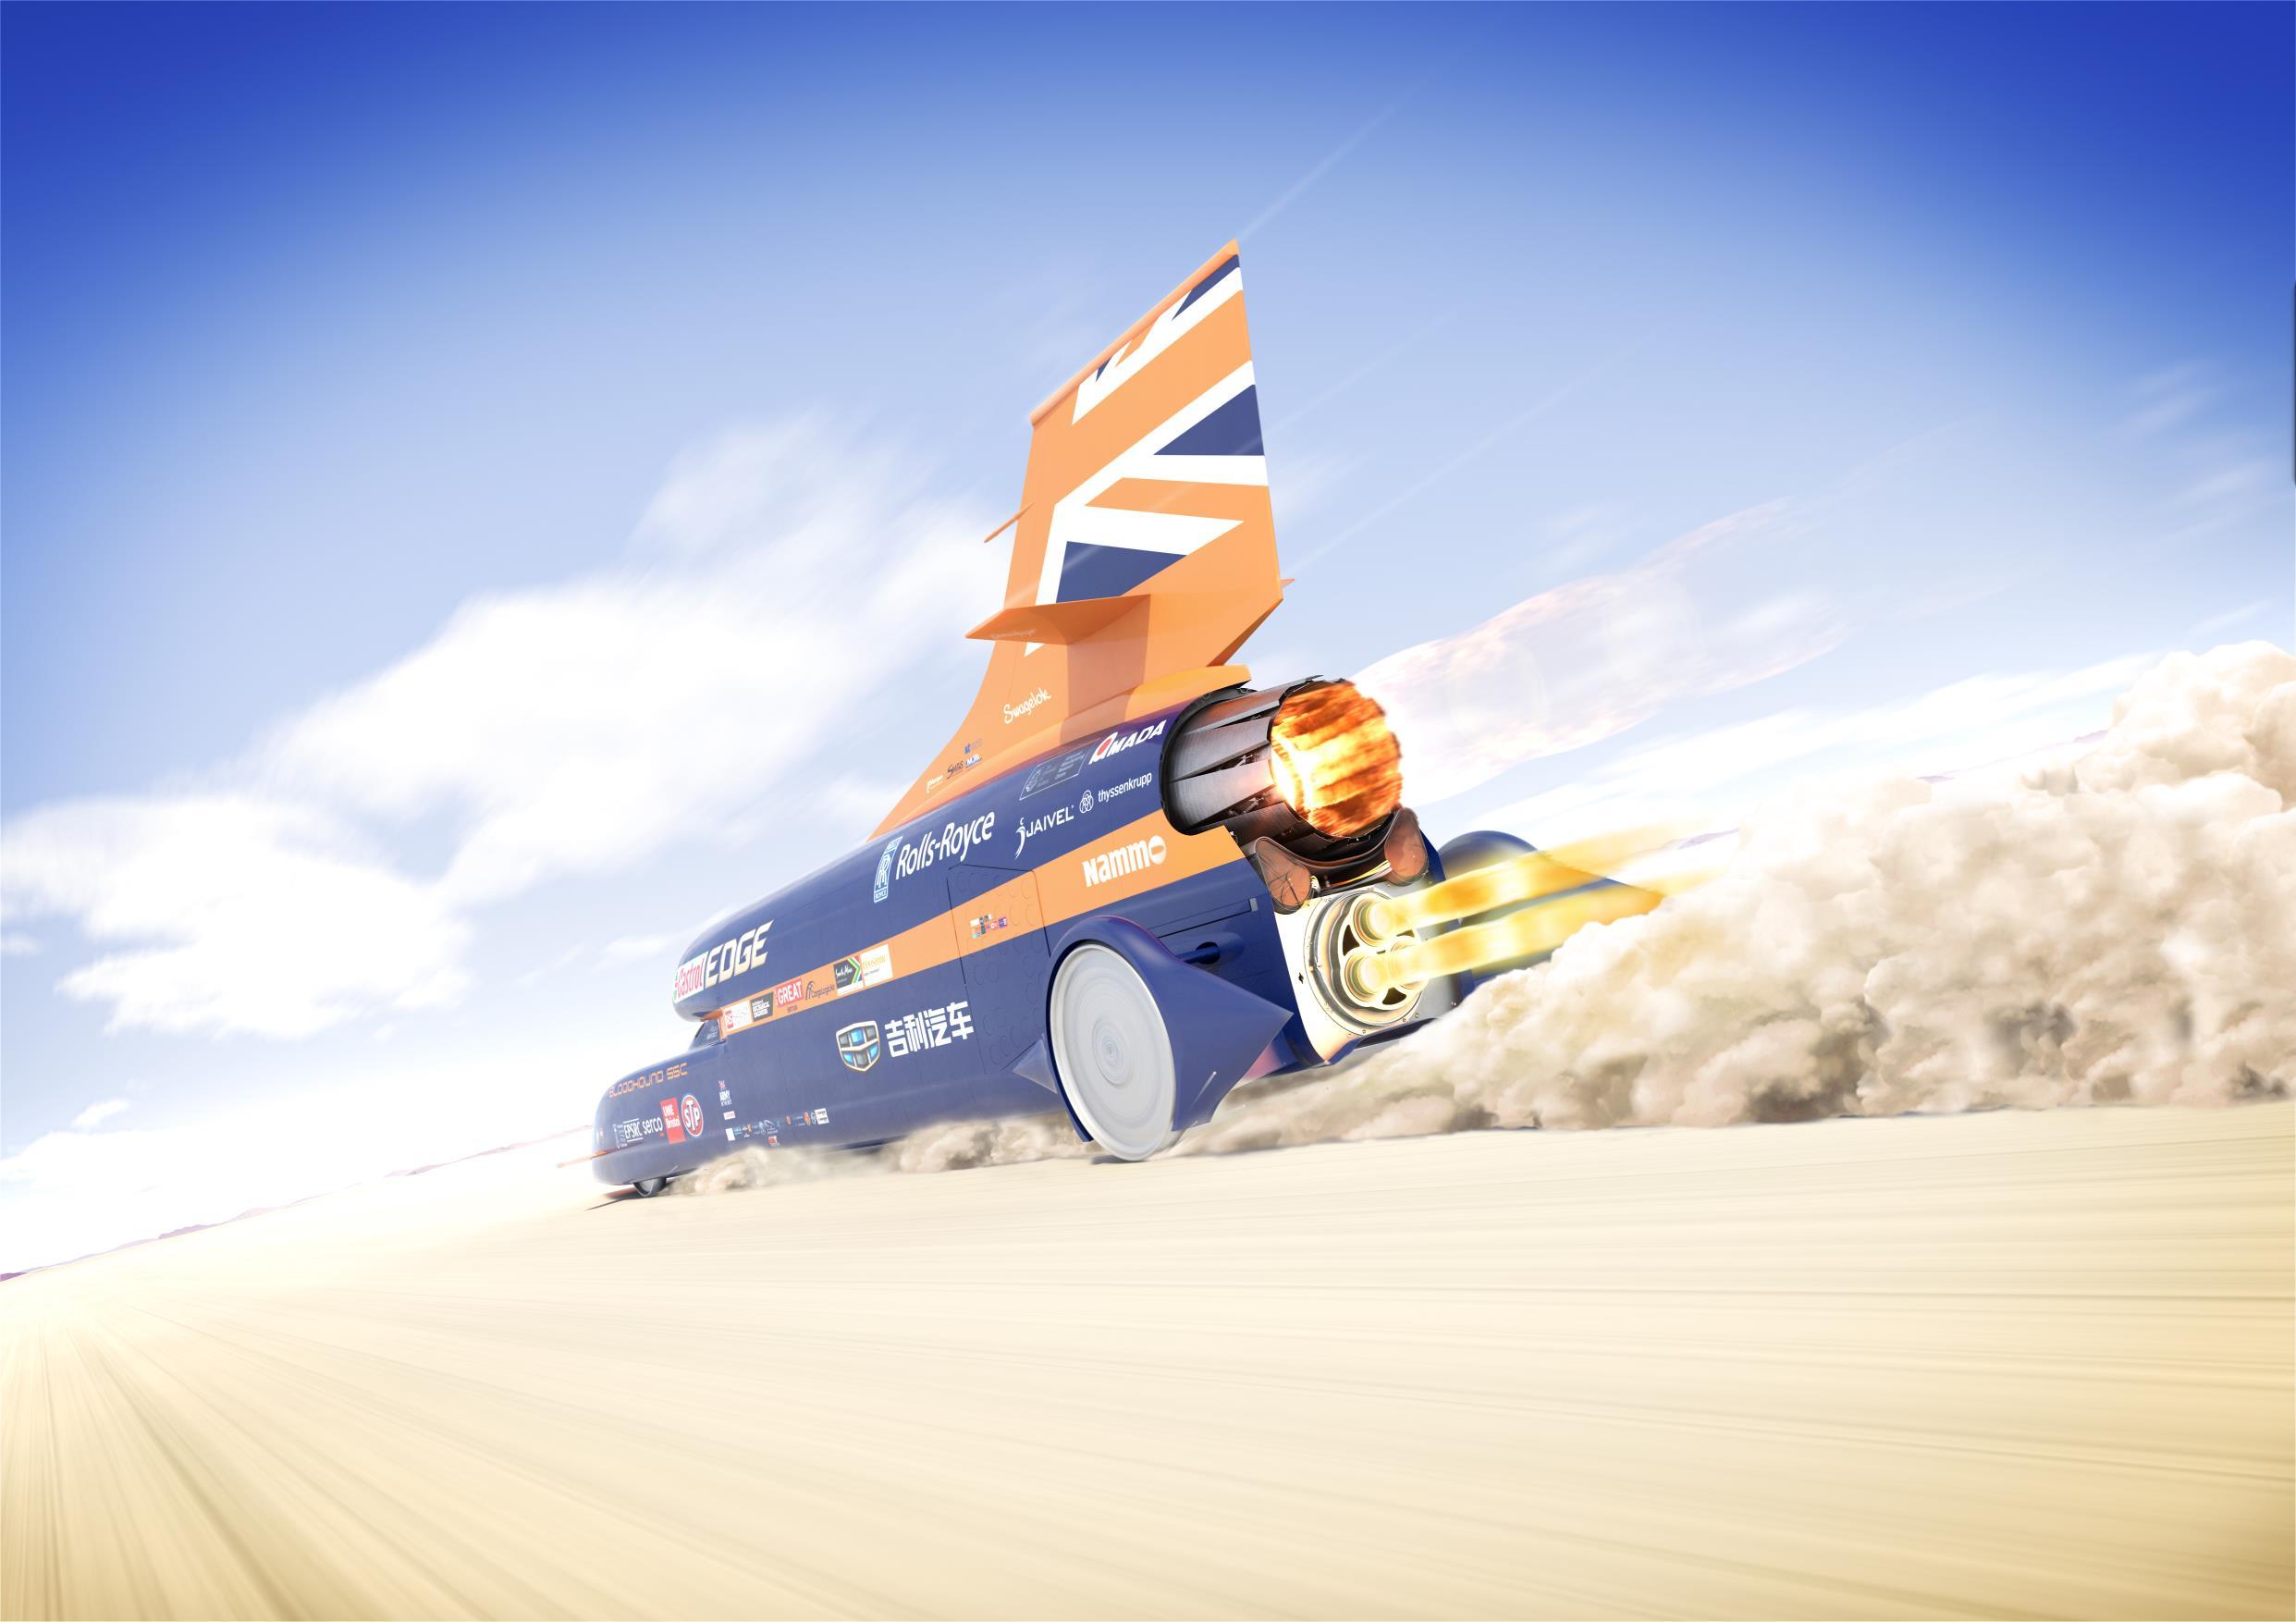 Bloodhound Rocket Car